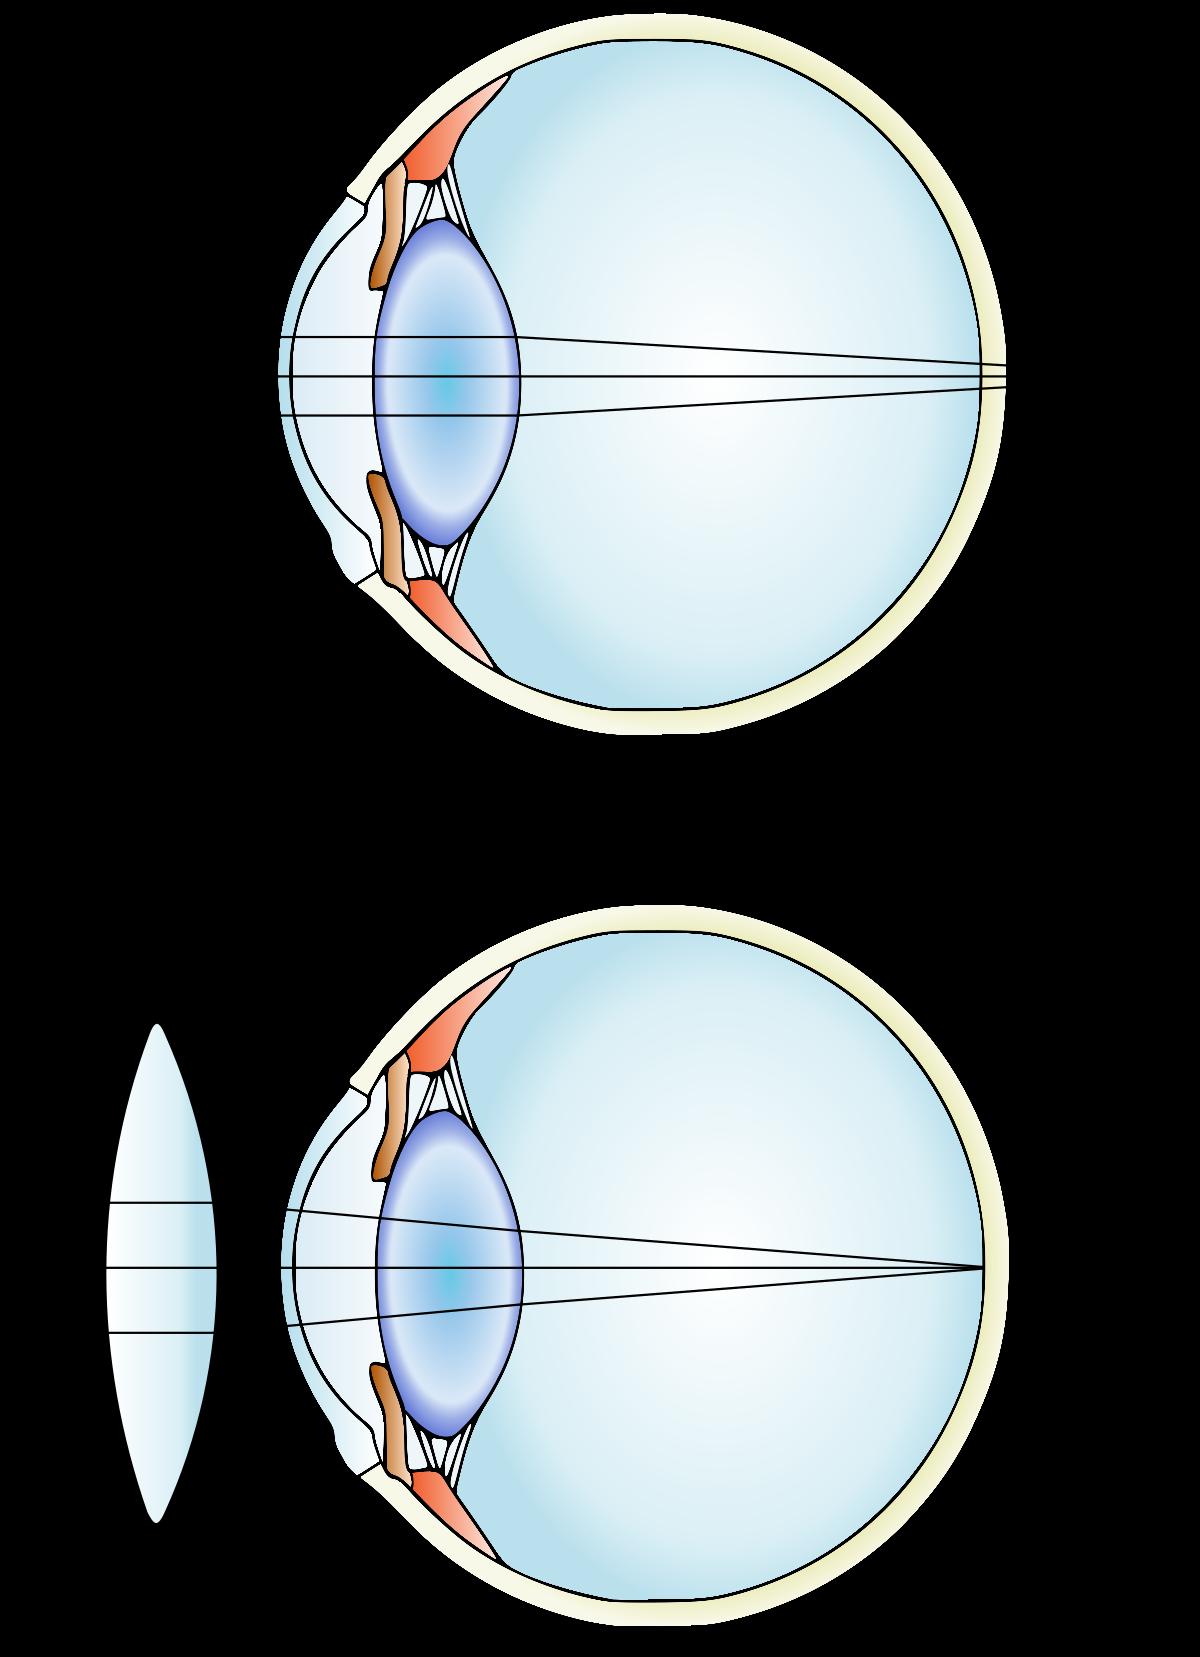 a látásélesség mérésekor